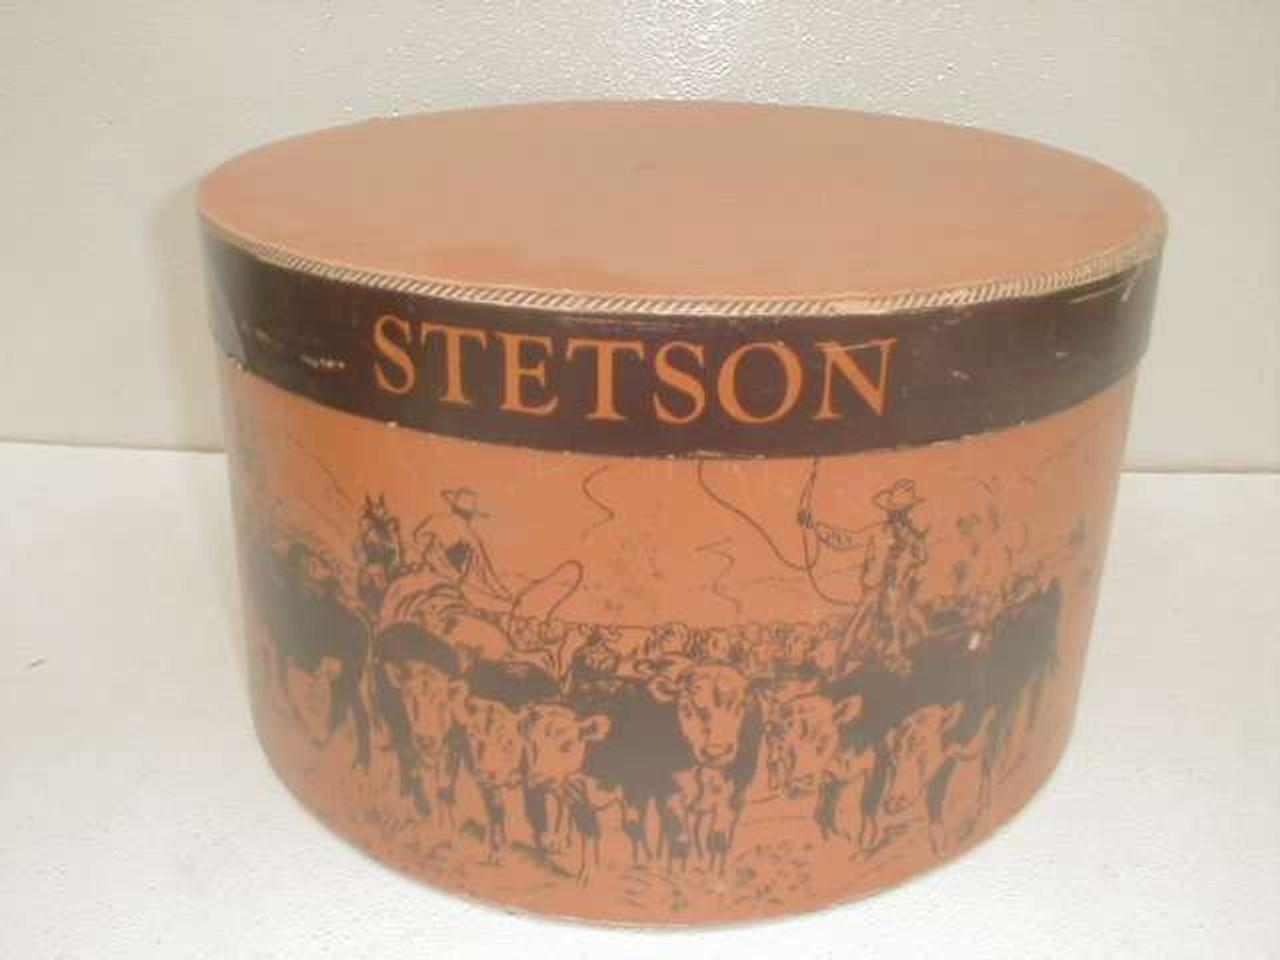 2973f1d403cdec A vintage Stetson cowboy hat box with western theme design. - Antique  Mystique